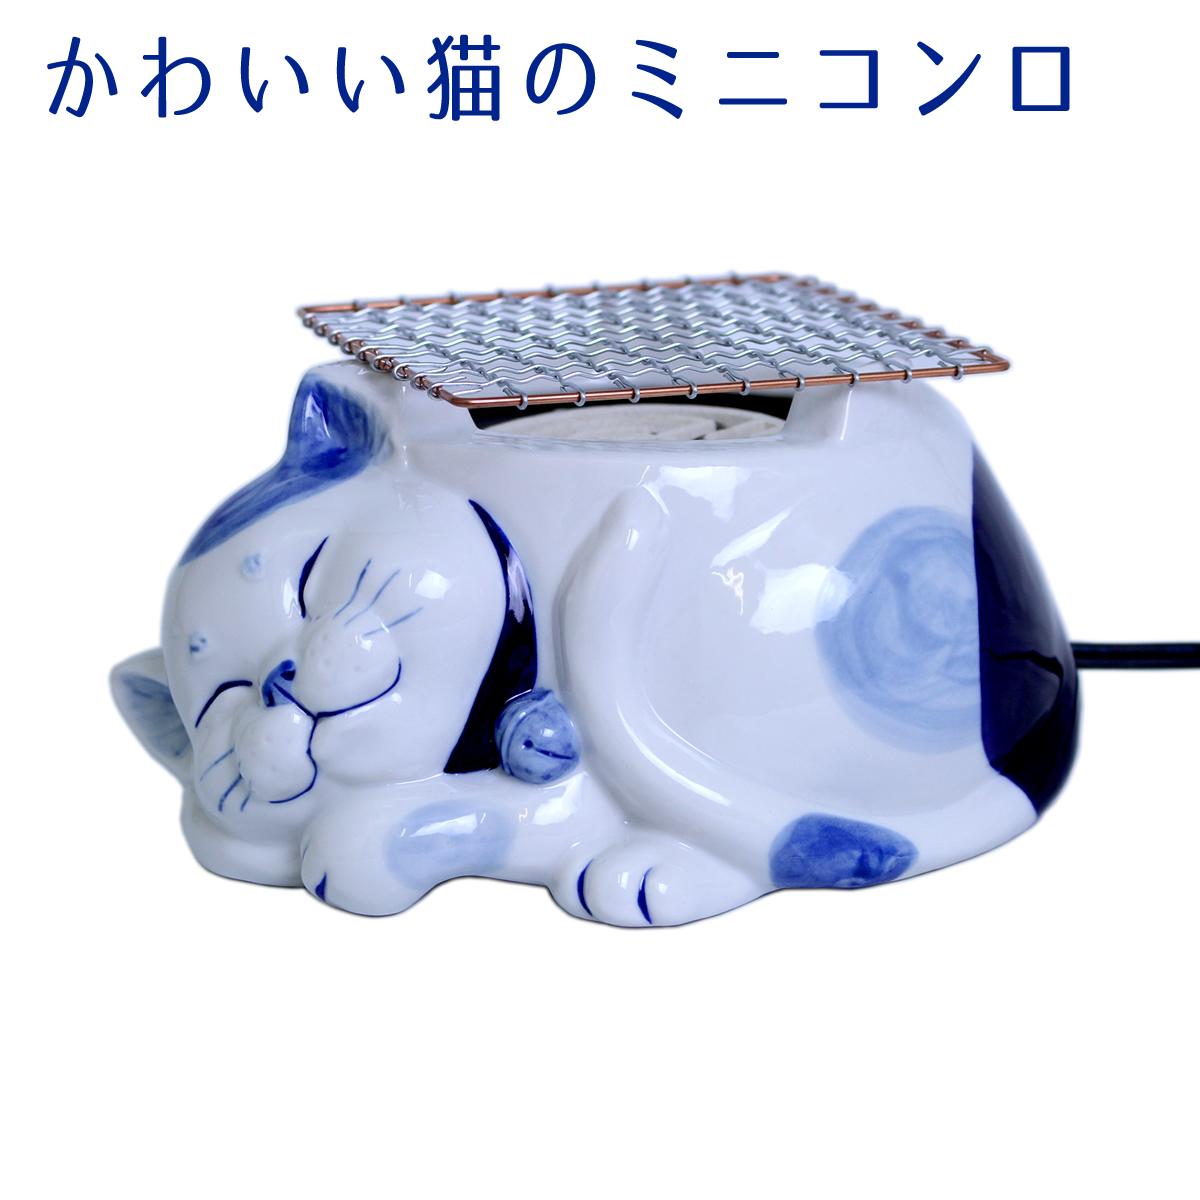 かわいい猫の小さい電気コンロです。コンロ 猫 ネコ かわいい お鍋 網焼き BBQ 可愛い おしゃれ インスタ CAT あったかい 一人鍋 電気コンロ ネコ (瑠璃色) | コンロ 猫 ネコ かわいい お鍋 網焼き BBQ 可愛い おしゃれ インスタ CAT あったかい 一人鍋 青 あお